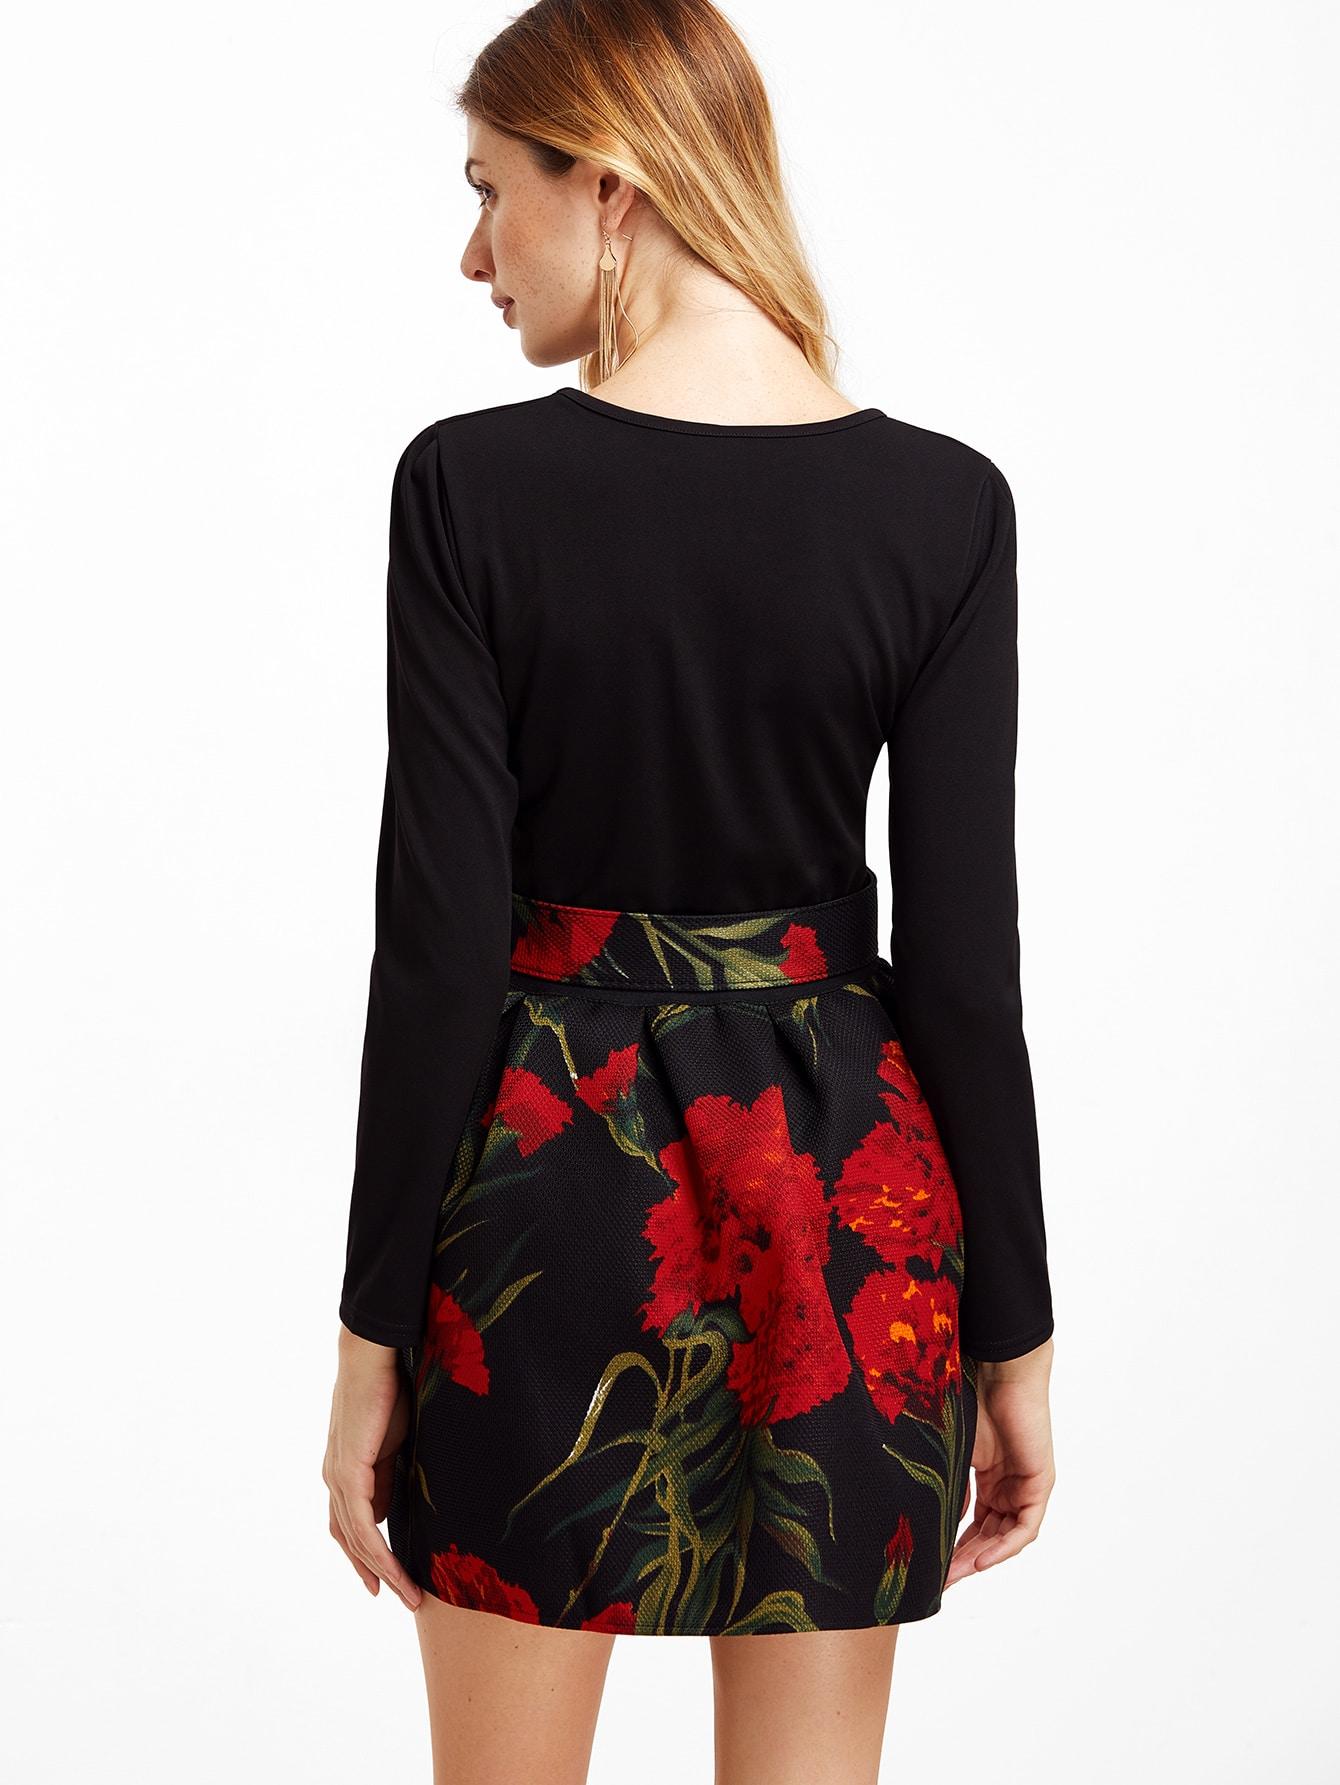 dress161005101_2